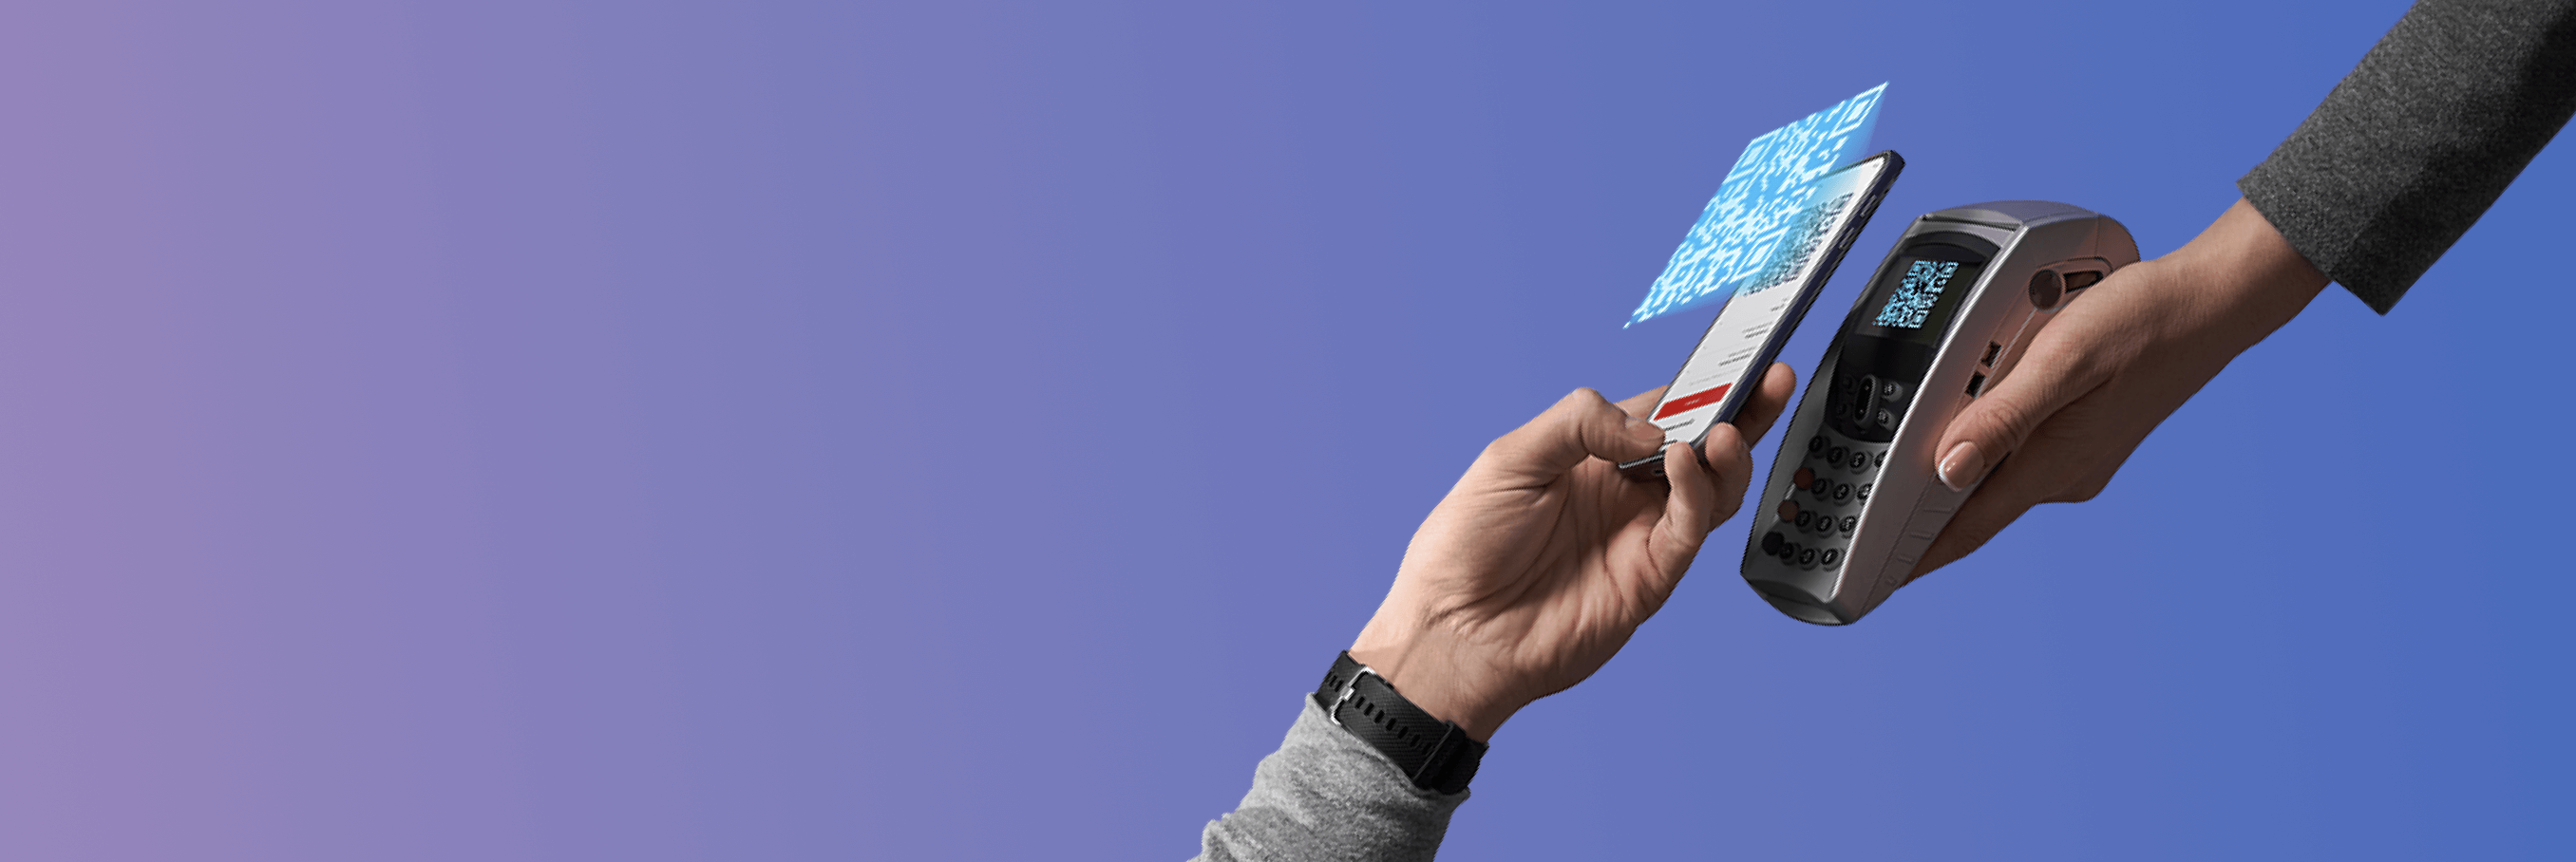 Баннер - новый способ оплаты